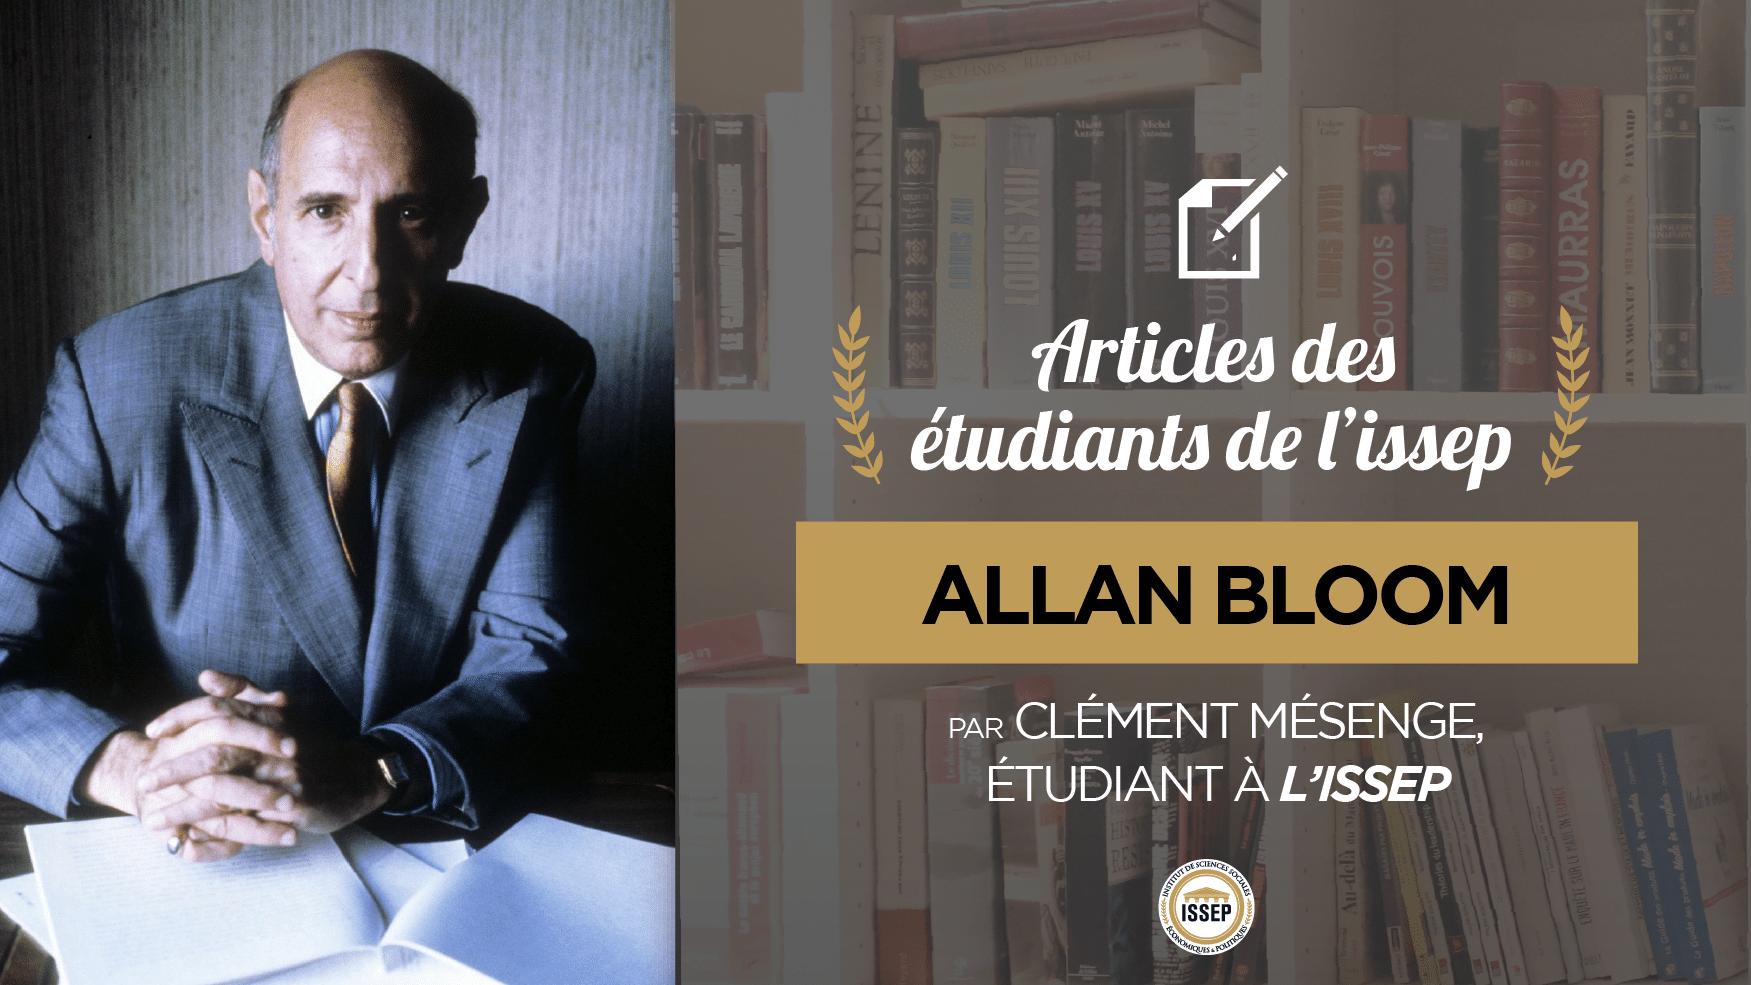 Article des étudiants : Allan Bloom, par Clément Mésenge, étudiant en Bac+4 à l'ISSEP